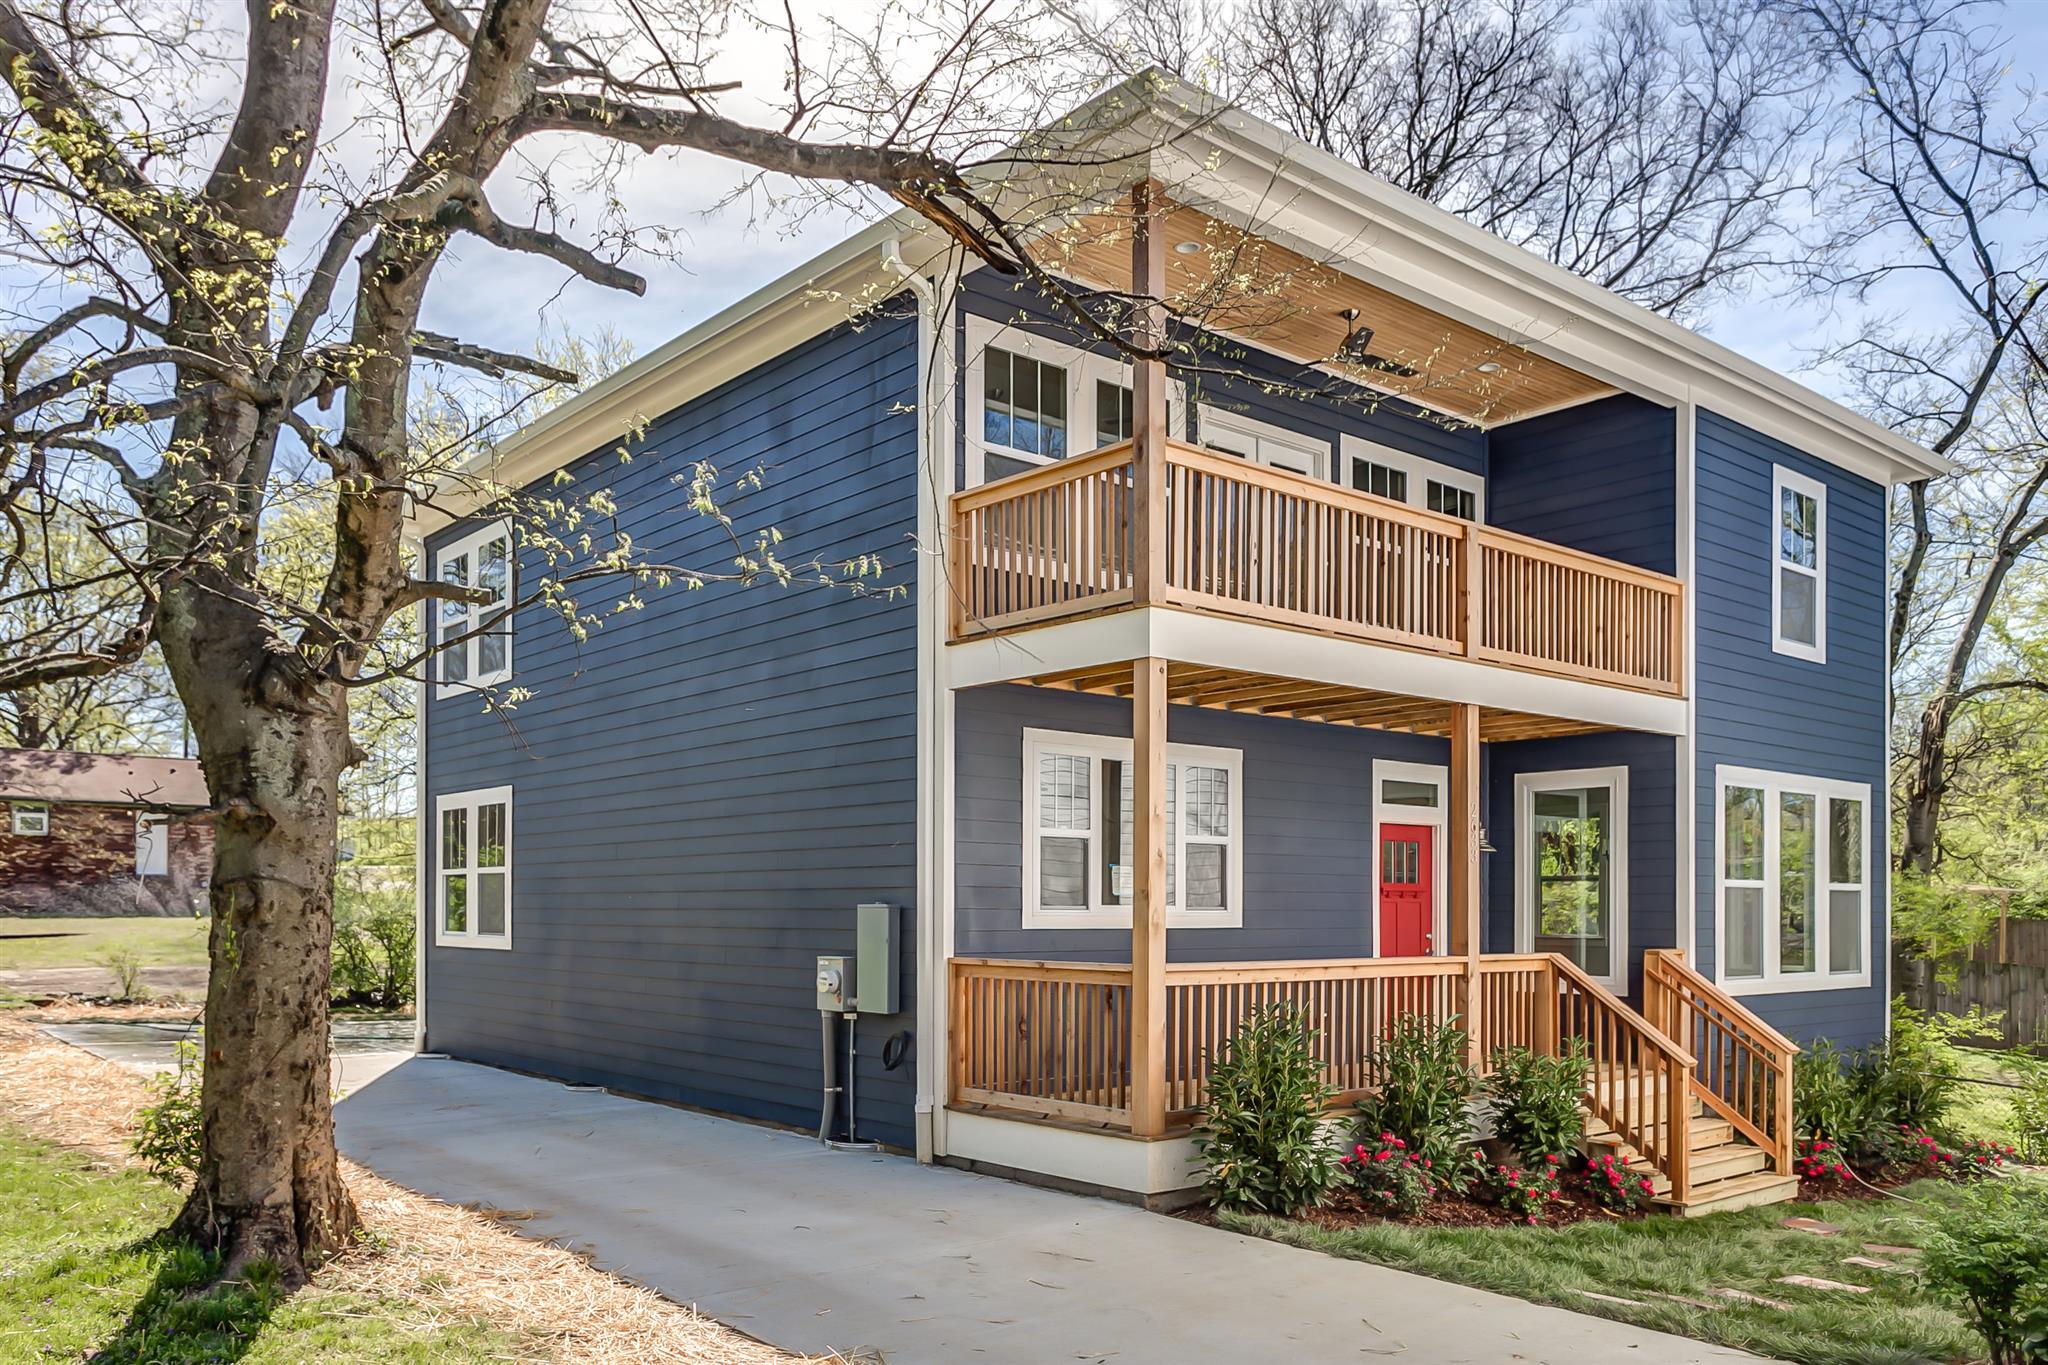 2633B Pennington Ave, Nashville, TN 37216